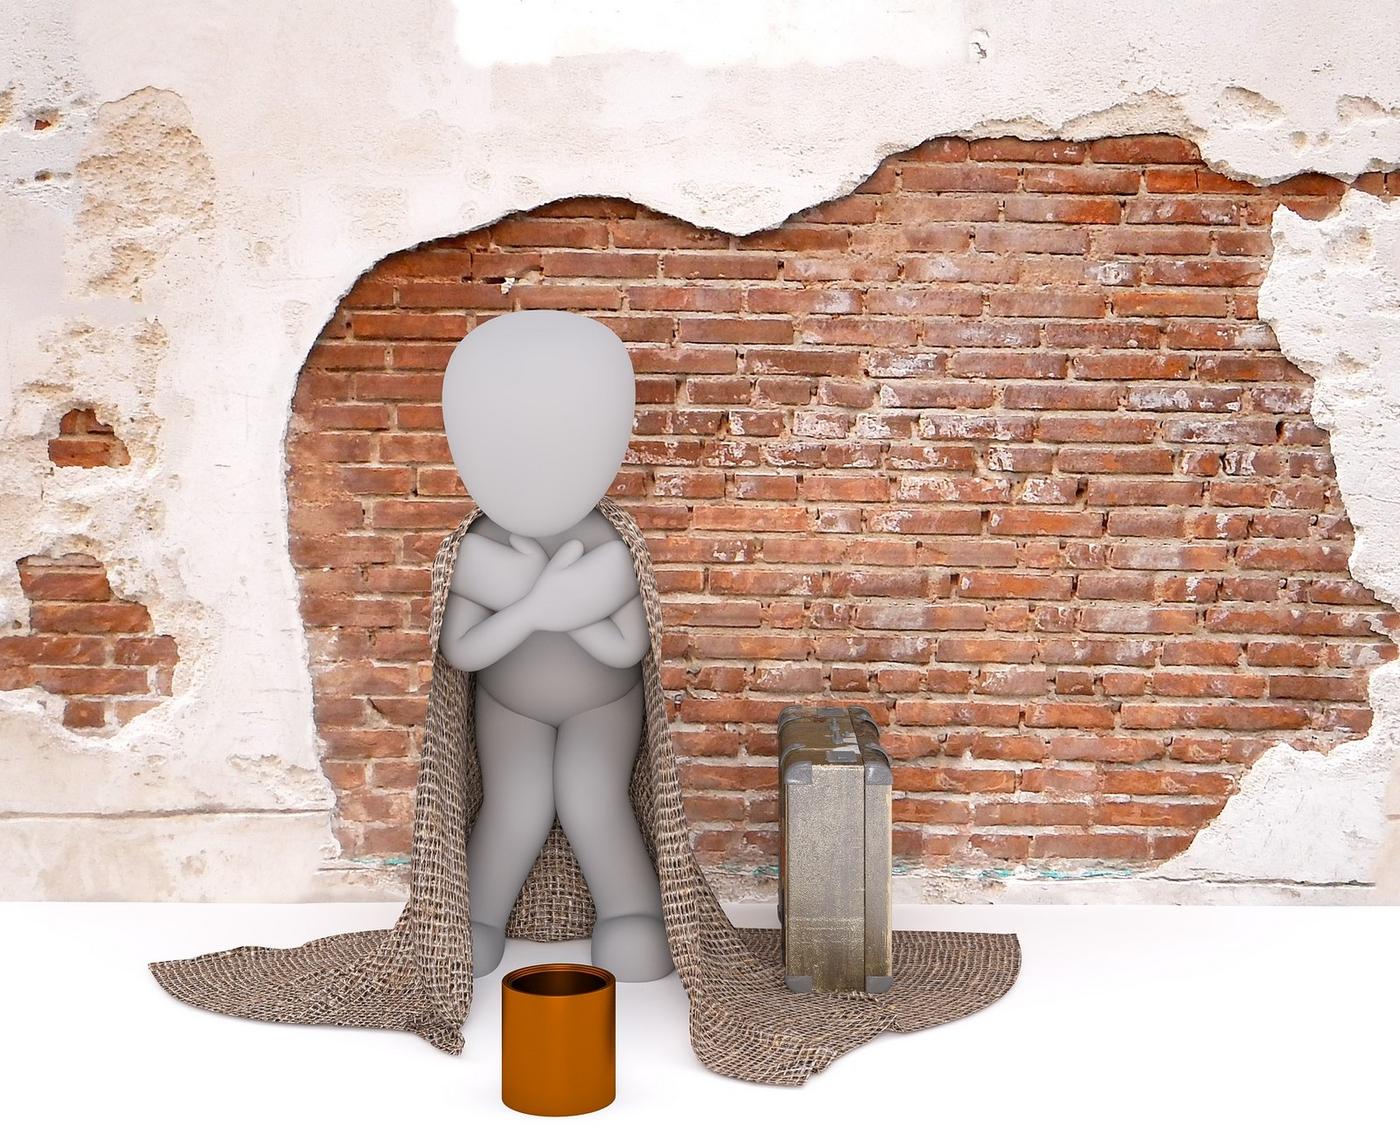 Symbolfigur steht vor einer Ziegelmauer mit Decke und Koffer